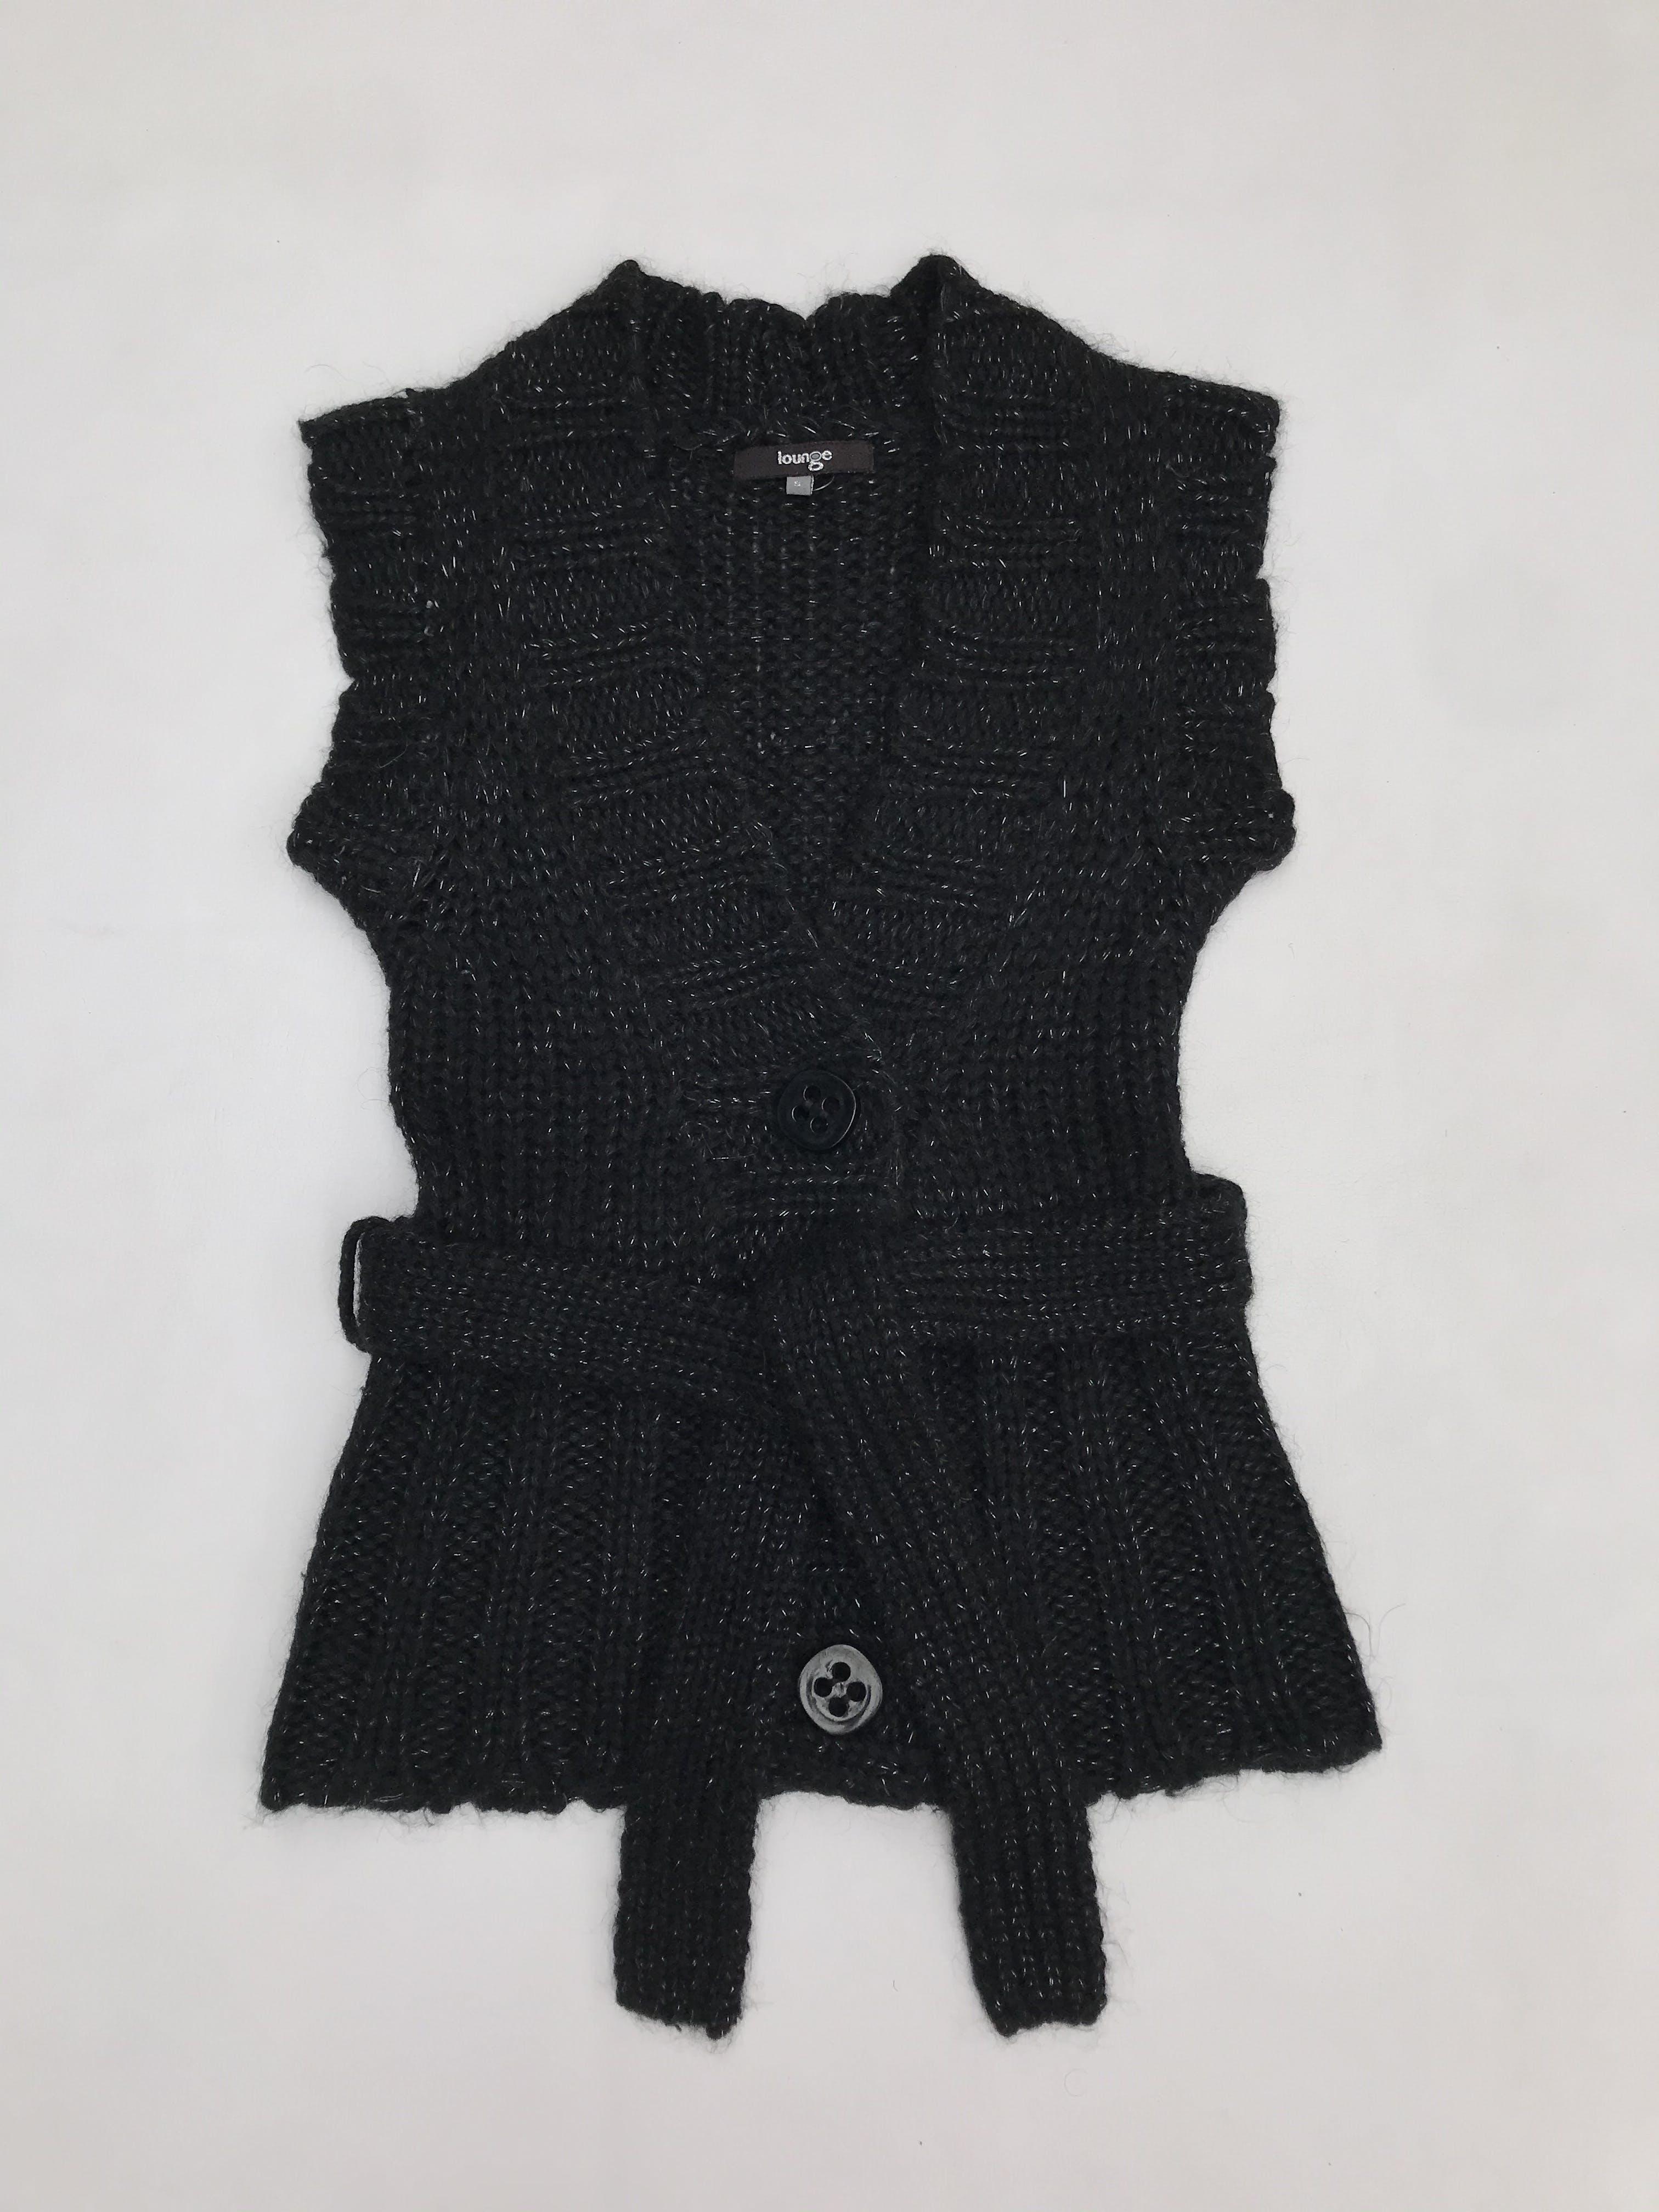 Chaleco tejido negro con hilos satinados, botones delanteros y cinto